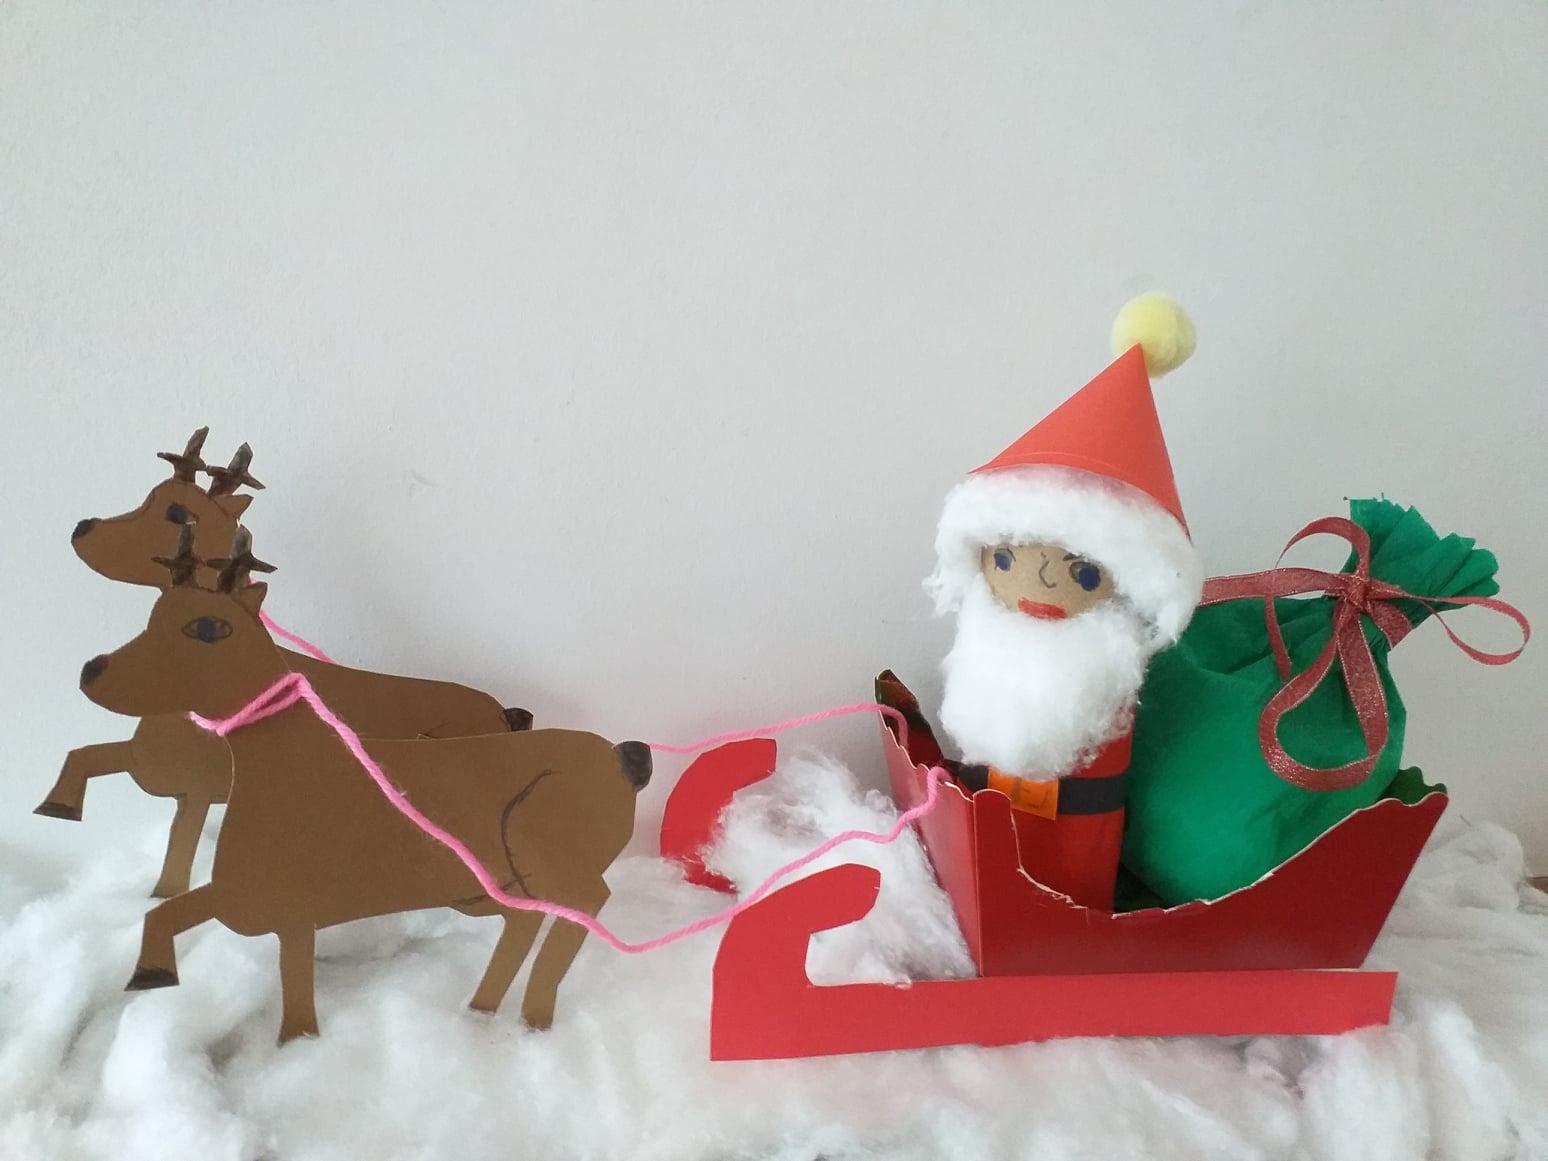 Rozstrzygnięcie konkursu plastycznego na postać św. Mikołaja